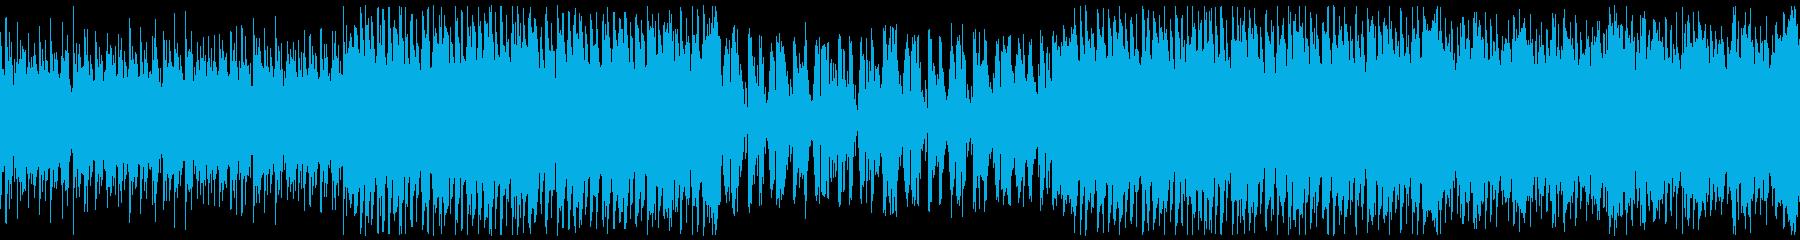 夏の海・イベント・楽しいレゲエ・ループの再生済みの波形